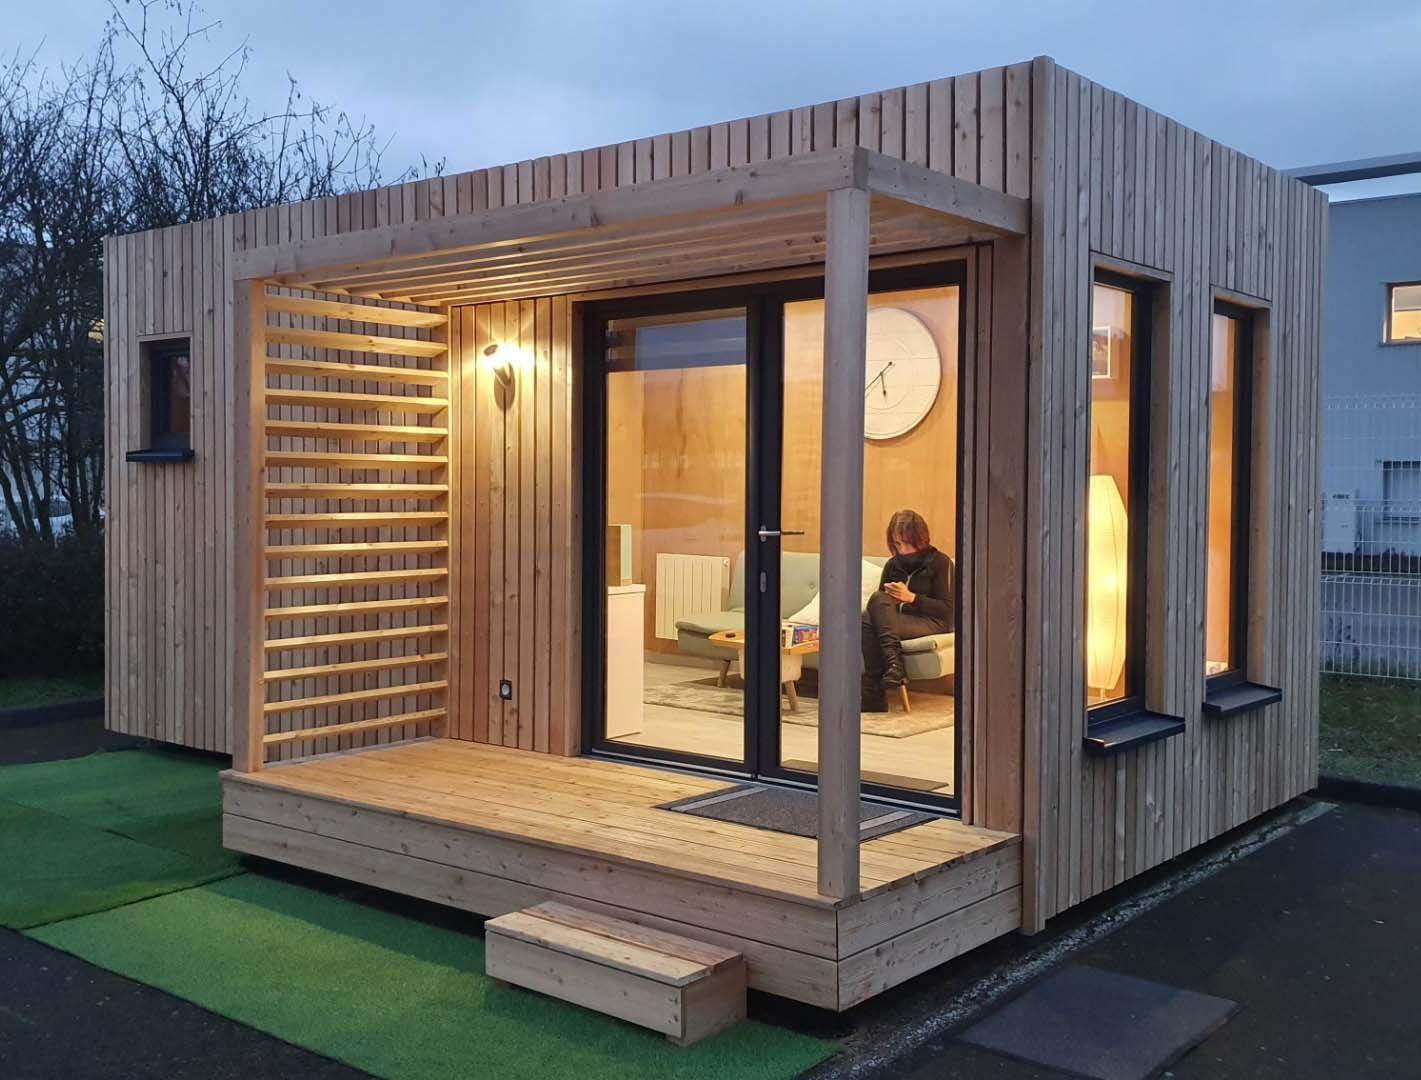 25+ Plan studio de jardin 20m2 ideas